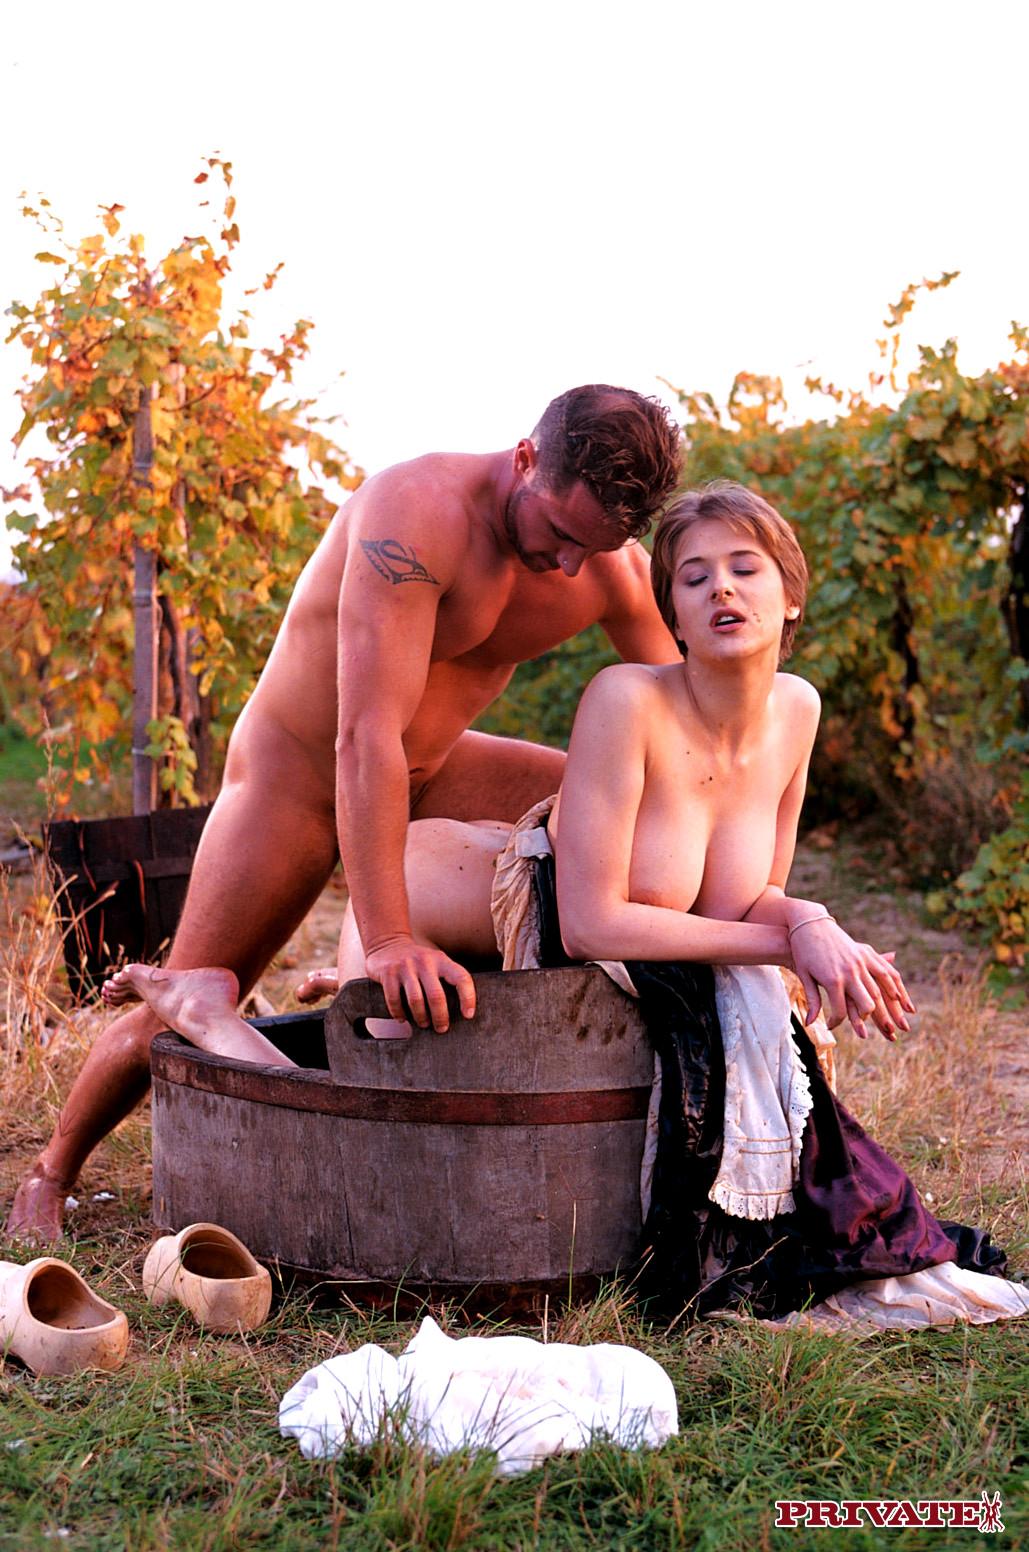 derevenskie-filmi-pro-lyubov-porno-russkie-smotret-porno-krasivaya-vagina-i-anus-krupnim-planom